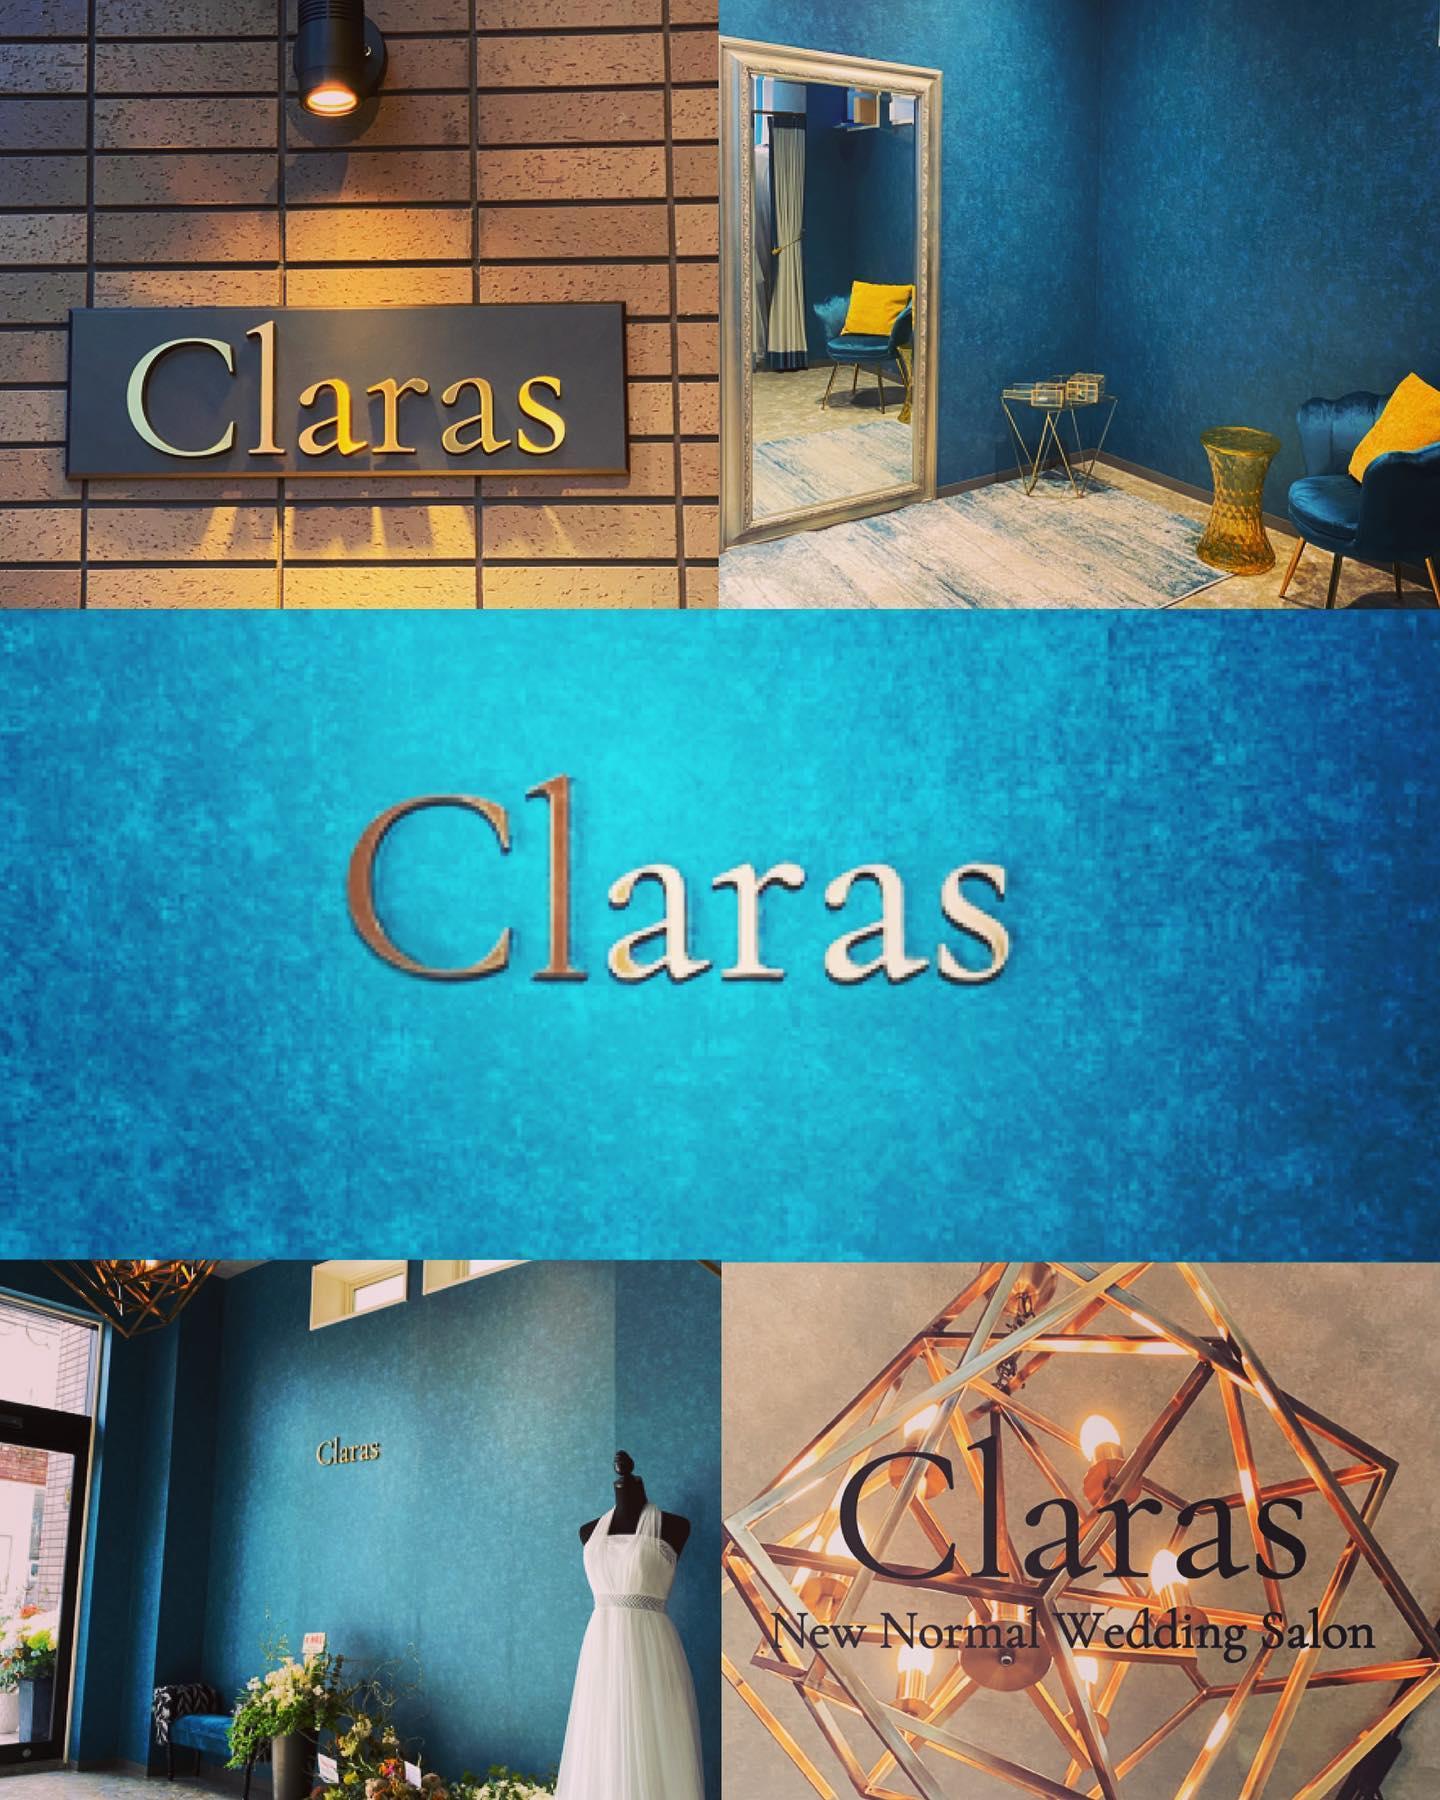 """・ClarasがOPENして3ヶ月を迎えました🕊・Clarasを通じて出会えたお客様、沢山のご協力をいただいている関係者の皆様、いつも応援して下さる皆様に心より感謝申し上げます・""""Claras""""の店名の由来でもあるように『明るく輝く未来に貢献』できるよう様々な#newnormal な取り組みを通じてhappyをお届けしていきます🤍・これからもよろしくお願い致します・New Normal Wedding Salon""""Claras""""・about """"Claras""""…(ラテン語で、明るい·輝く)As(明日· 未来, フランス語て最高、一番) ・明るく輝く明日(未来) に貢献したいという想いを込めています🕊Fashionの都Parisをはじめ、欧米から選りすぐりのドレスをこれから出逢う花嫁のために取揃えました・2021.3.7 (Sun)NEW OPEN・Dressから始まるWedding Story""""憧れていた Dress選びから始まる結婚準備があったっていい""""・さまざまな新しい「価値」を創造し発信していきますこれからの新しい Wedding の常識を""""Claras """"から🕊・New Normal Wedding Salon【Claras】〒107-0061 東京都港区北青山2-9-14SISTER Bidg 1F(101) 東京メトロ銀座線 外苑前駅3番出ロより徒歩2分Tel:03 6910 5163(3/6より)HP: https://claras.jp(3/7サイトOpen予定) 営業時間:平日 12:00-18:00 土日祝11:00-18:00(定休日:月・火)#wedding #weddingdress #claras #ウェディングドレス #プレ花嫁 #ドレス試着#ドレス迷子#2021冬婚 #2022春婚 #ヘアメイク #結婚式  #ドレス選び #前撮り #後撮り #フォトウェディング #ウェディングヘア  #フォト婚 #ブライダルフォト #カップルフォト #ウェディングドレス探し #ウェディングドレス試着 #レンタルドレス #ドレスショップ #家族婚 #バウリニューアル #記念日婚 #モニター募集 #ドレス迷子 #プレ花嫁 #ニューノーマル #クララス"""